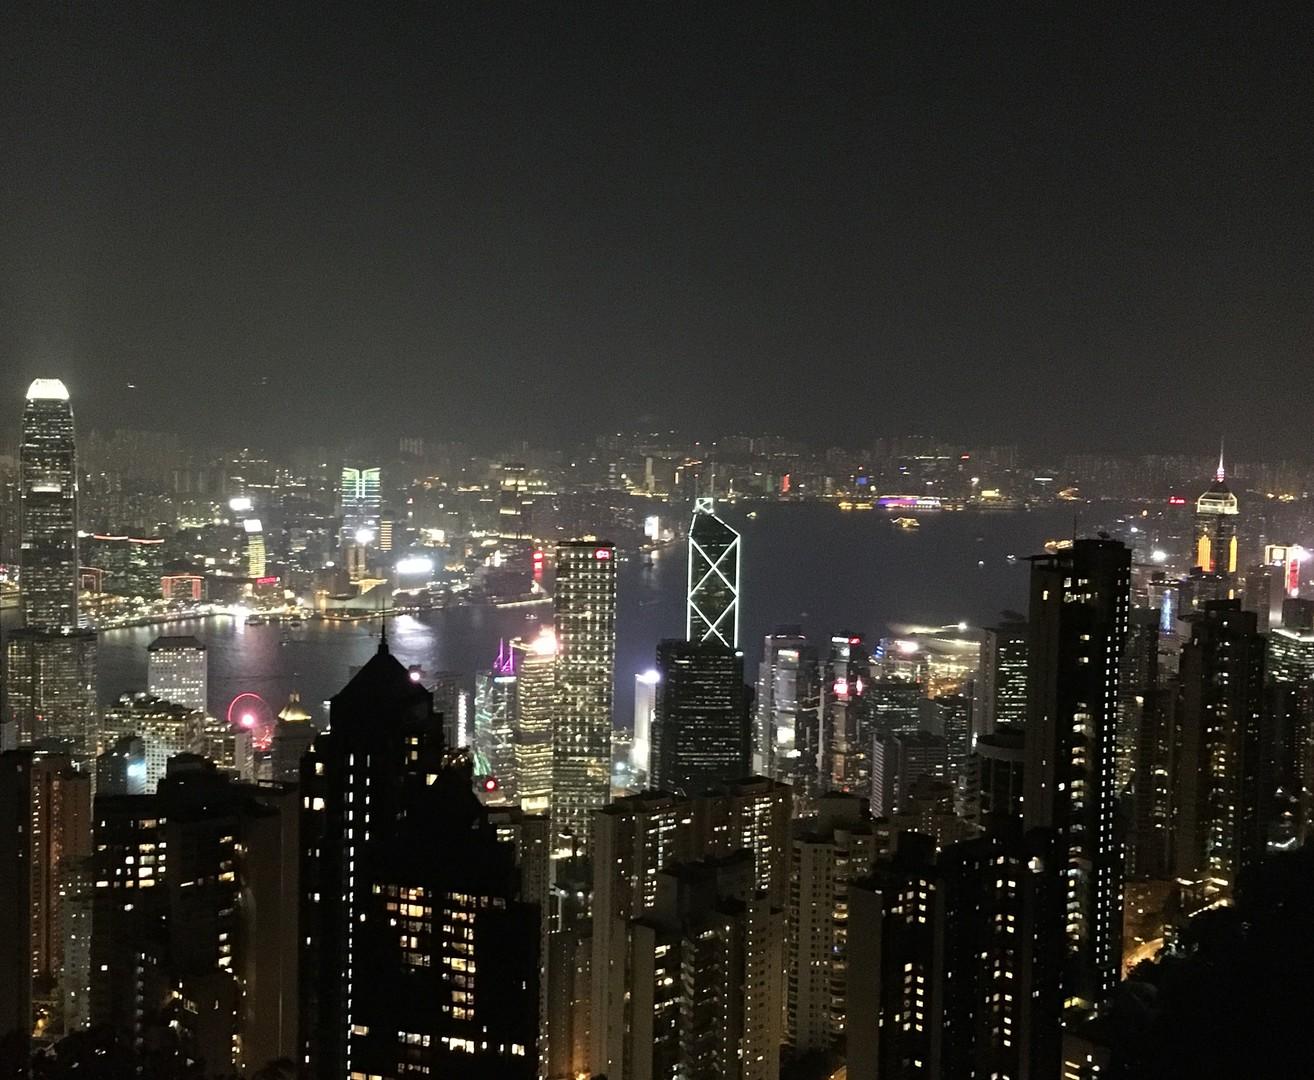 今回で香港は6回目ですが初めてのツアー参加でした。 ビクトリアピークへ向かうトラムは45度の急坂を一直線に登り大興奮!山頂から臨む夜景は絶景でした。オープントップBUSは時期的に12月で少々寒かったですが良く考えられた市内コースを颯爽と走り抜け大変迫力が有りました。参加前はデモが気になりましたが、熟練のガイドさんが付いていますので不安は有りませんでした。最高のオプショナルツアーですので是非オススメしたいです。